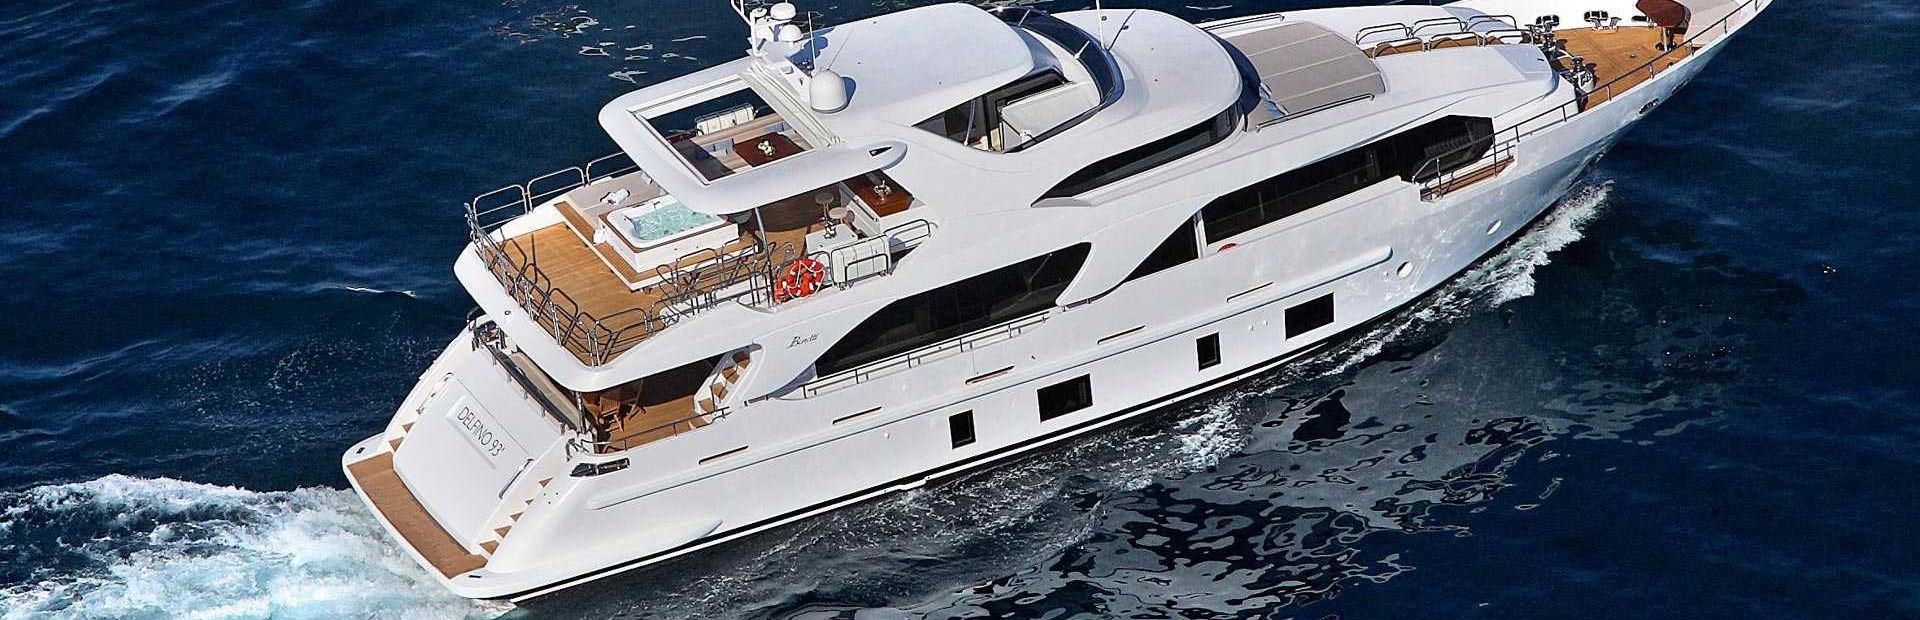 Delfino 93' Yacht Charter